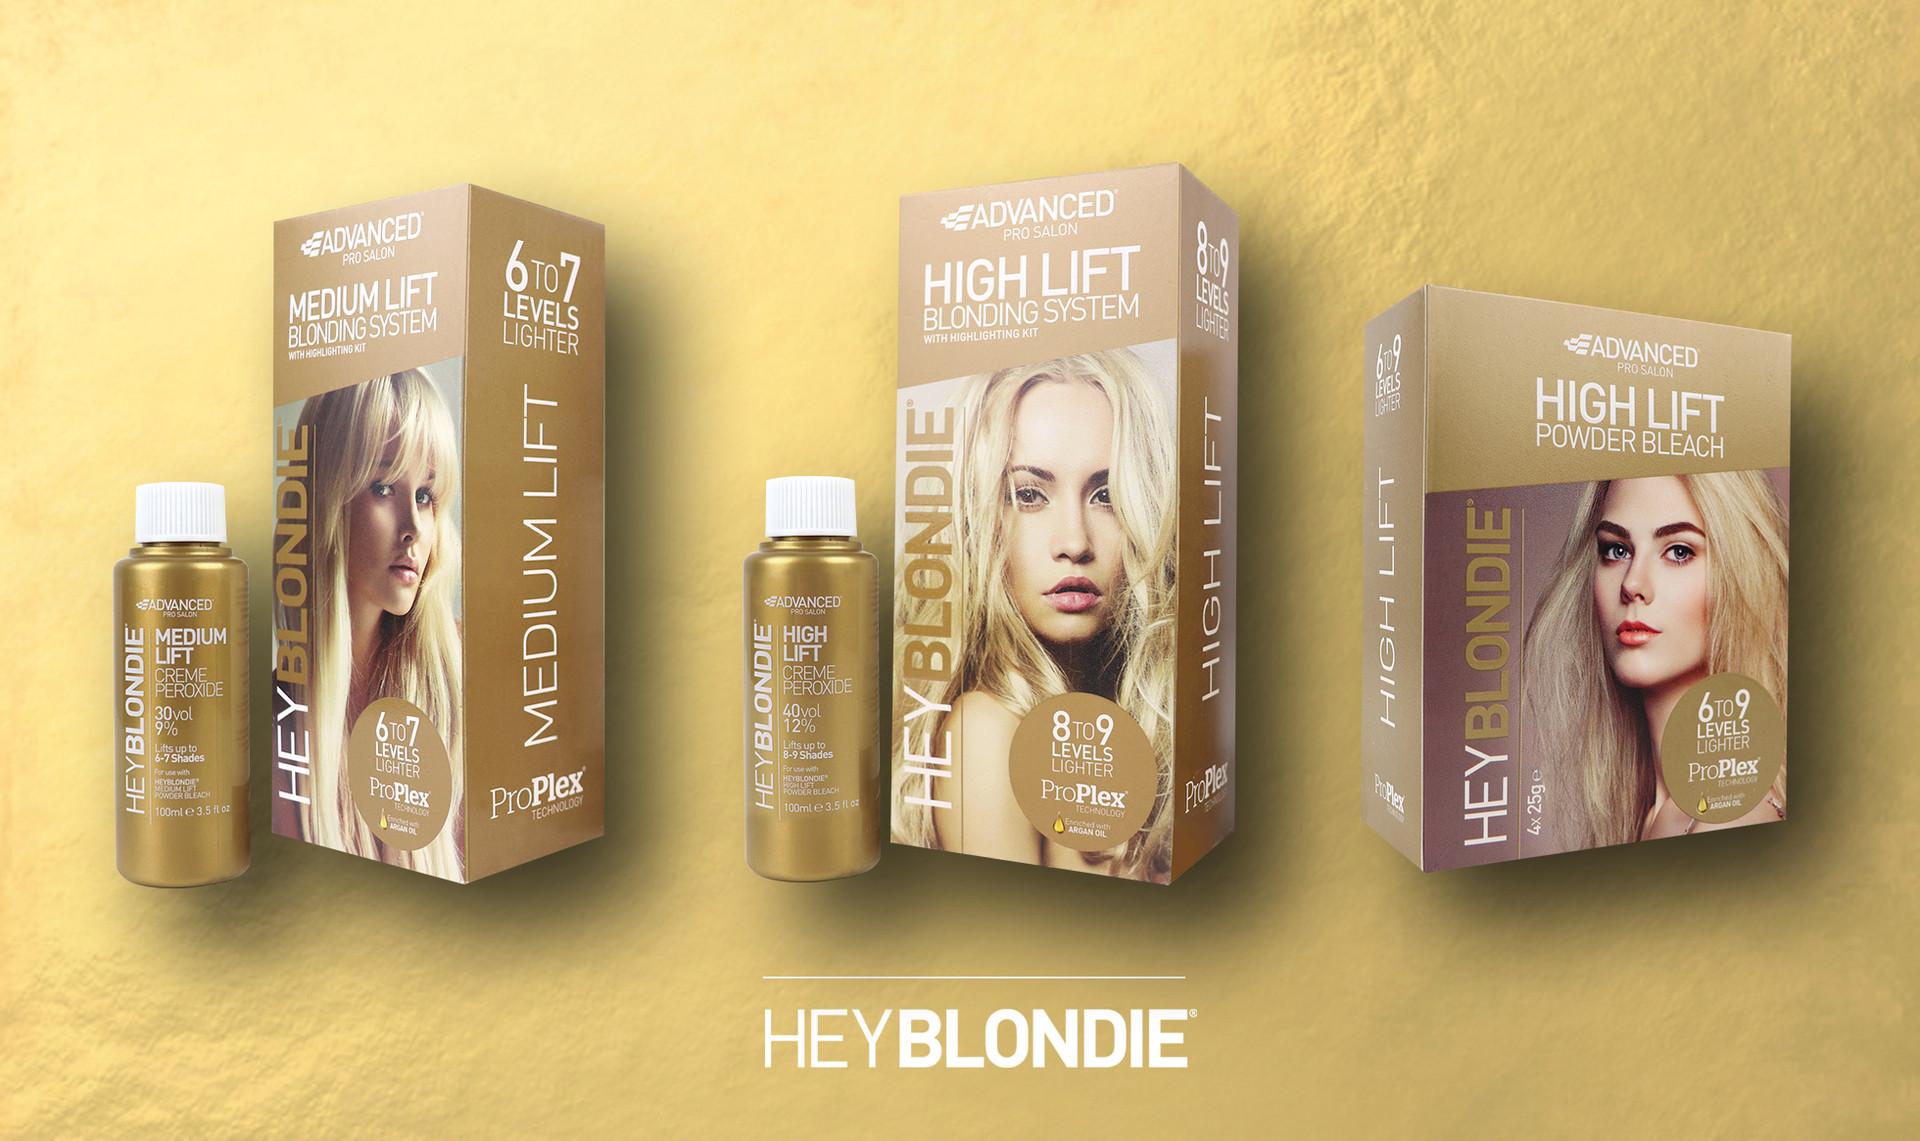 HeyBlondie Retail Packaging Design